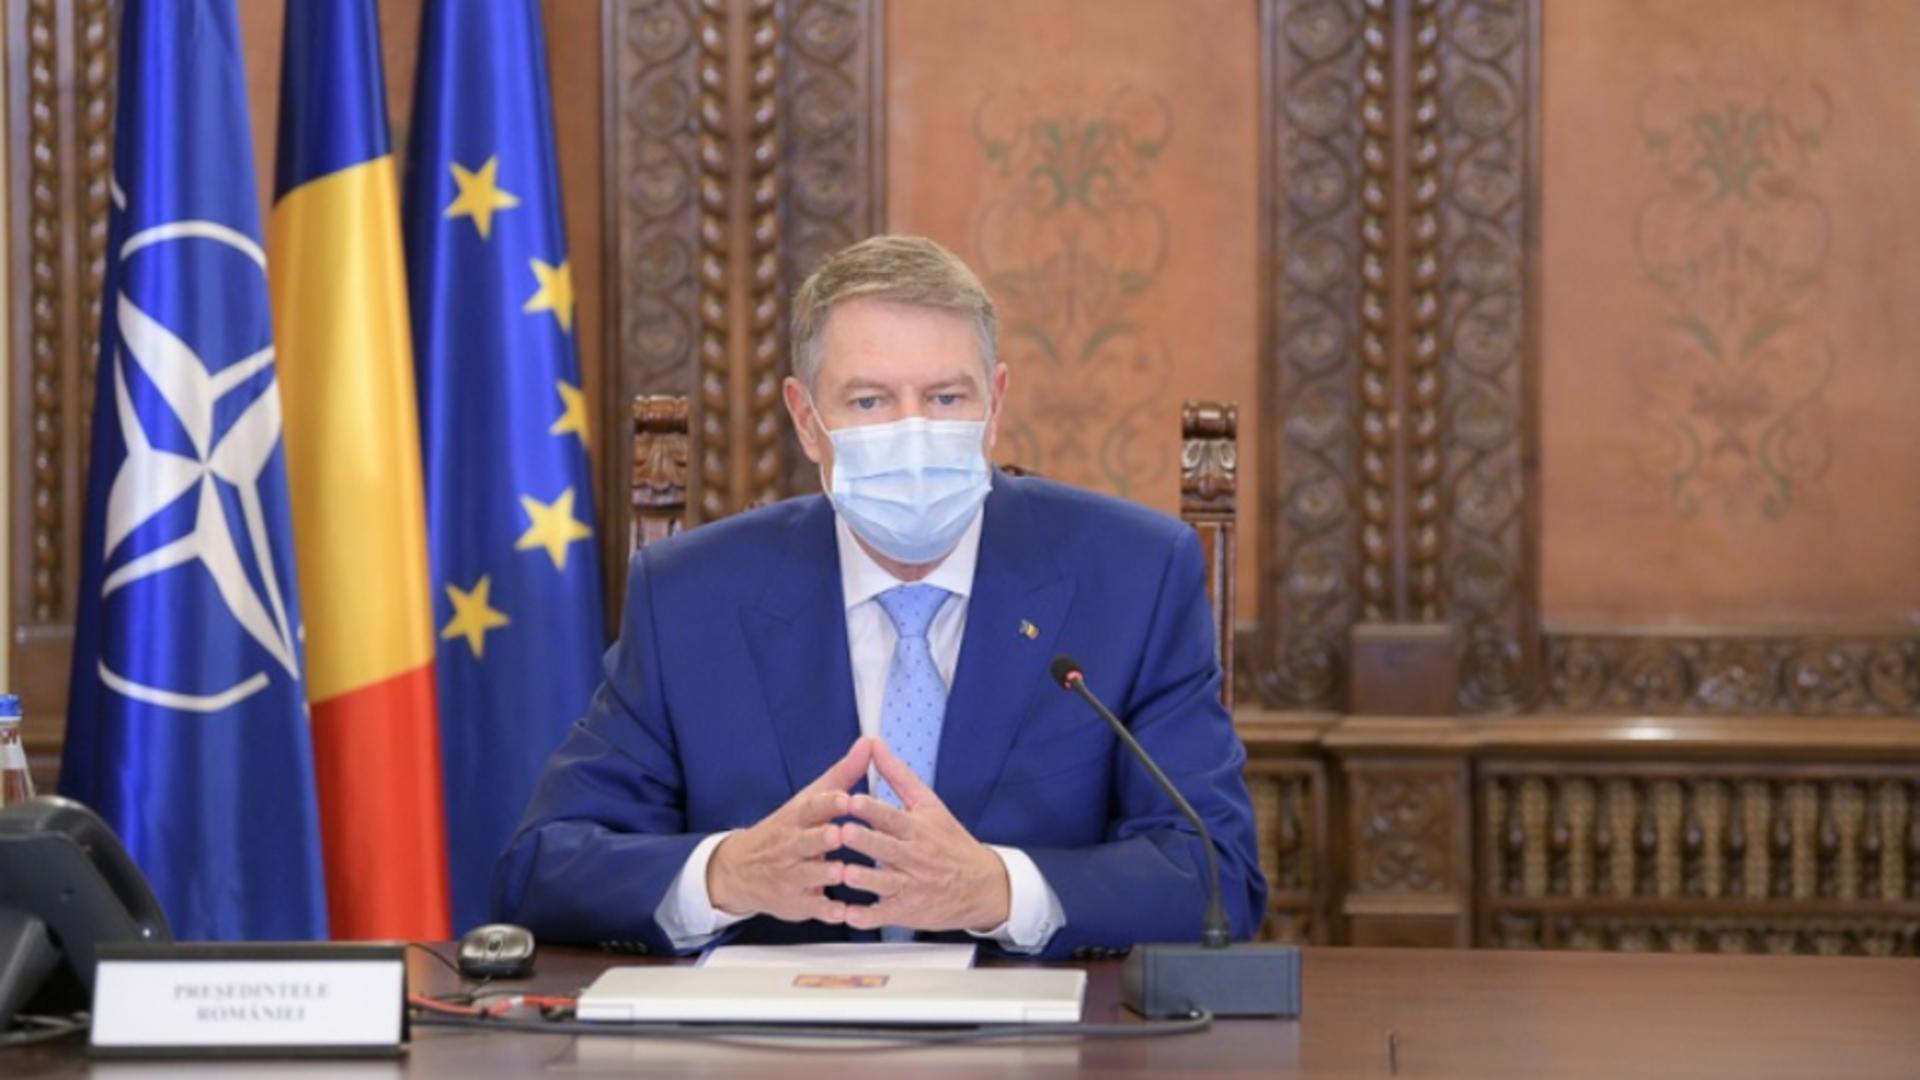 Pe ordinea de zi a reuniunii sunt incluse subiecte privind starea de securitate în regiunea Mării Negre